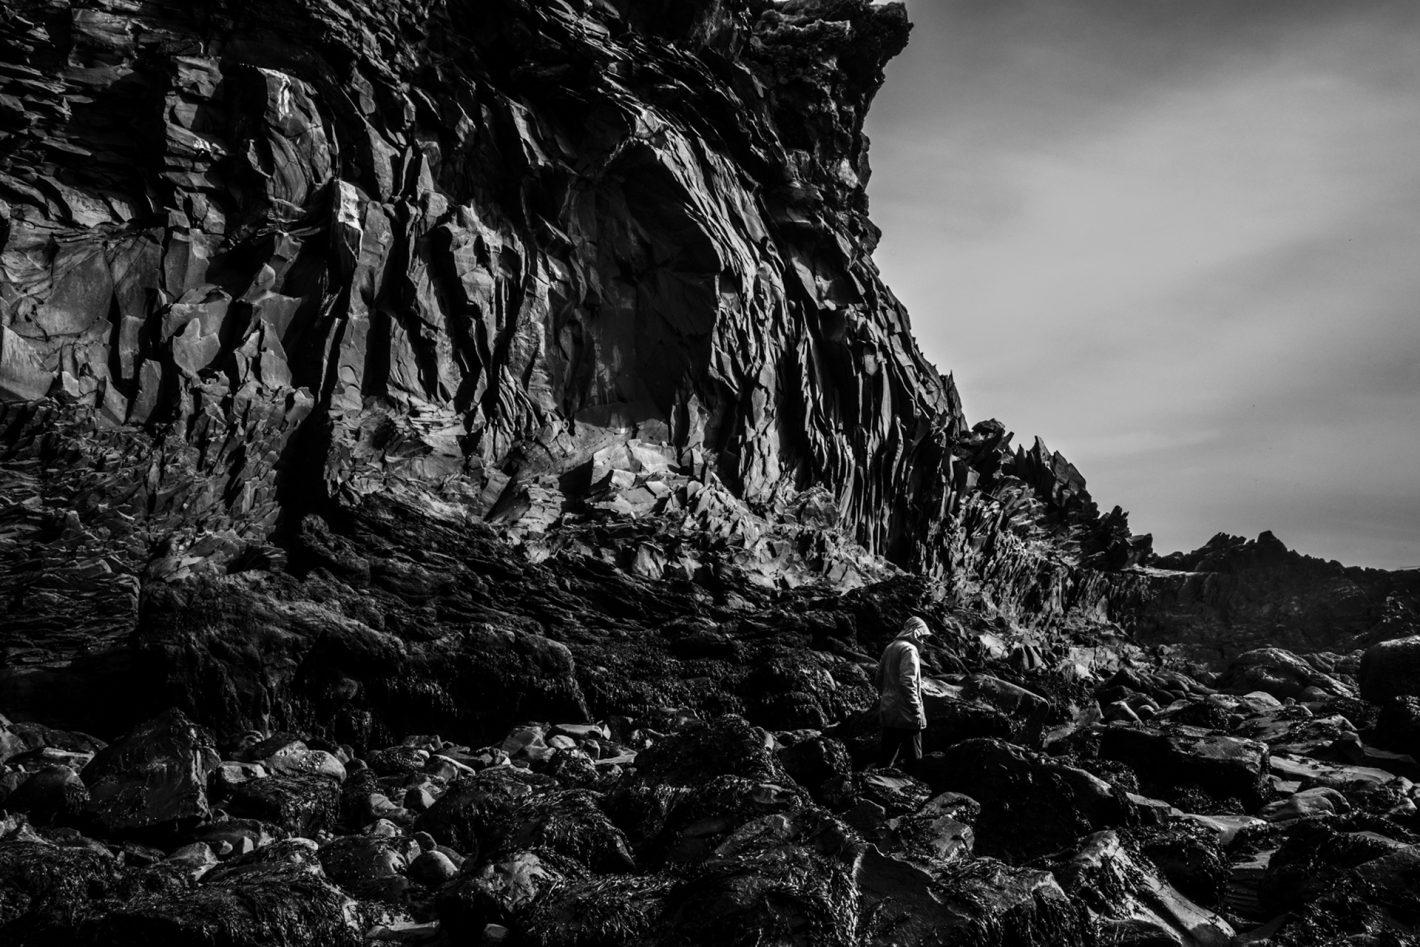 Nordic Noir © Sebastien Van Malleghem